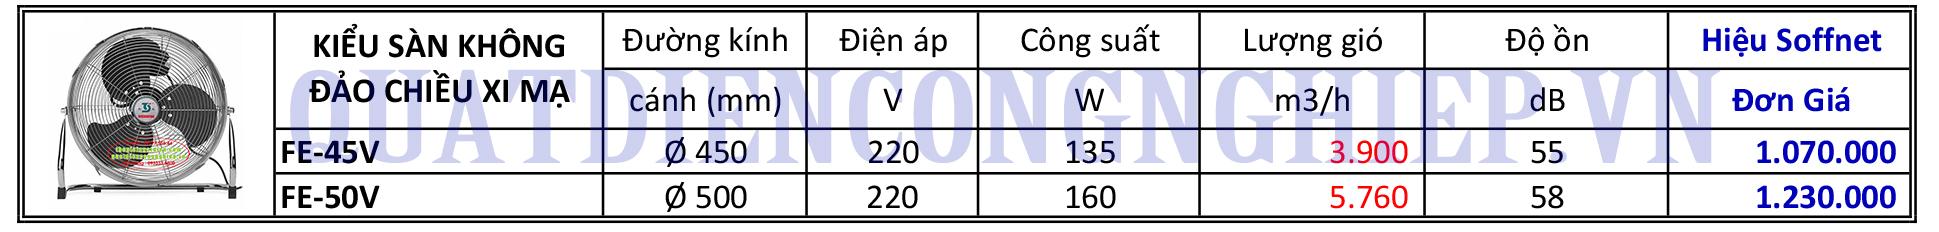 Báo giá Quạt sàn công nghiệp Soffnet FE